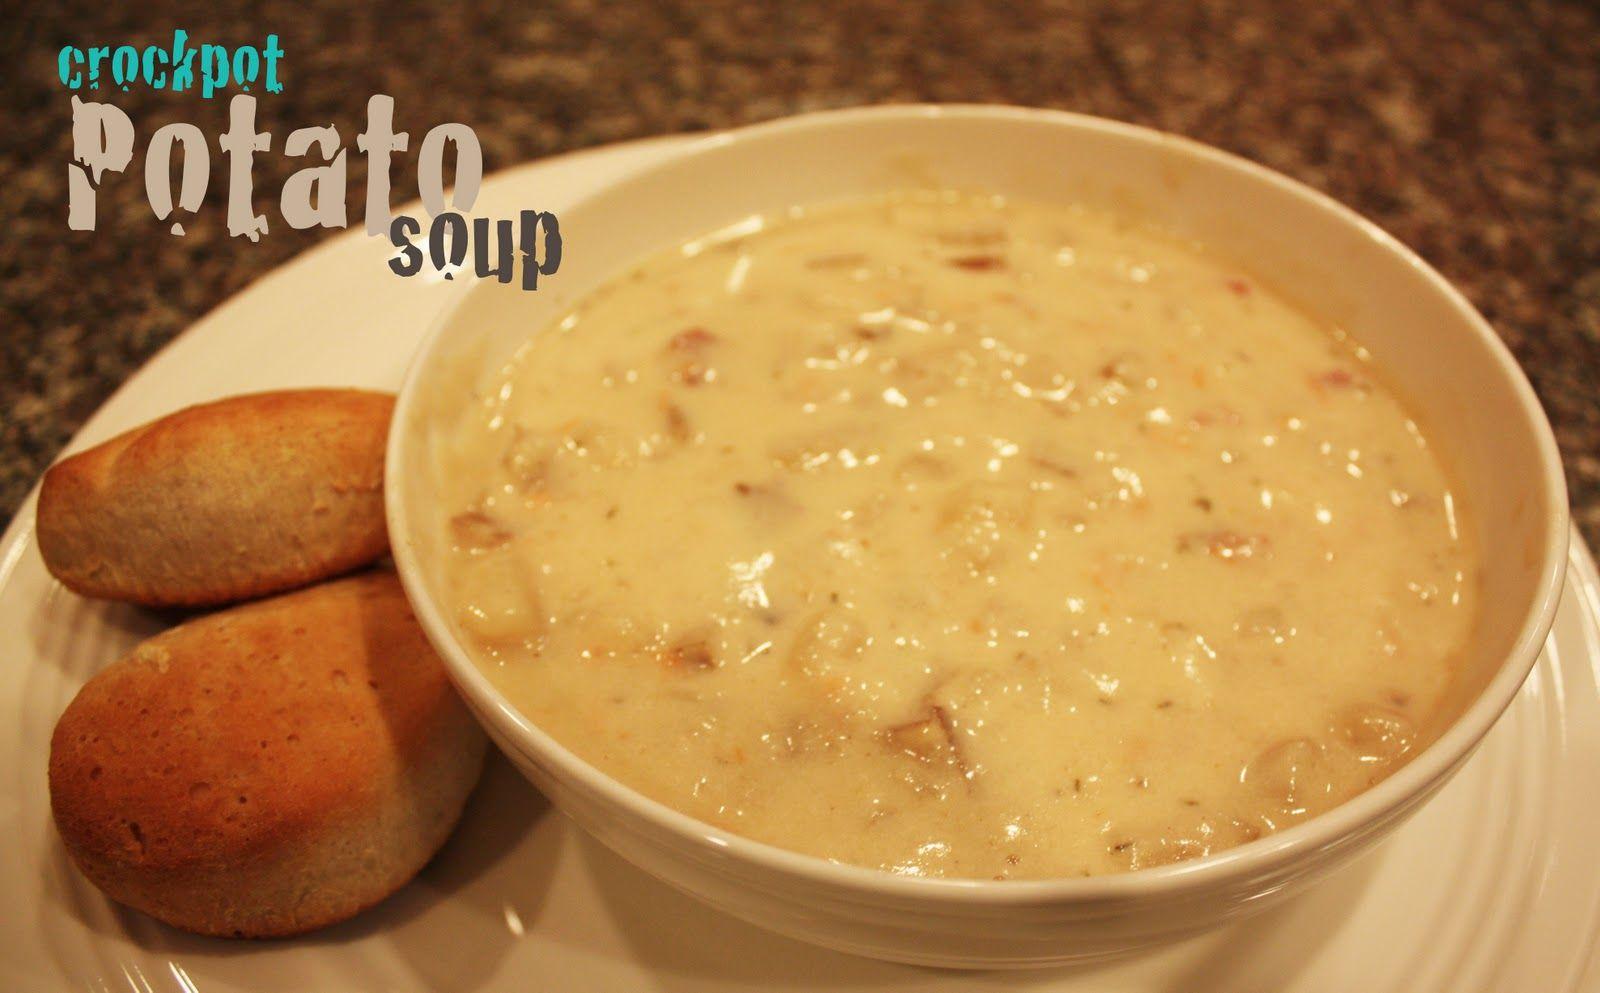 Crock Pot Potato Soup (contains bacon). http://www.repeatcrafterme.com/2011/12/crock-pot-potato-soup.html